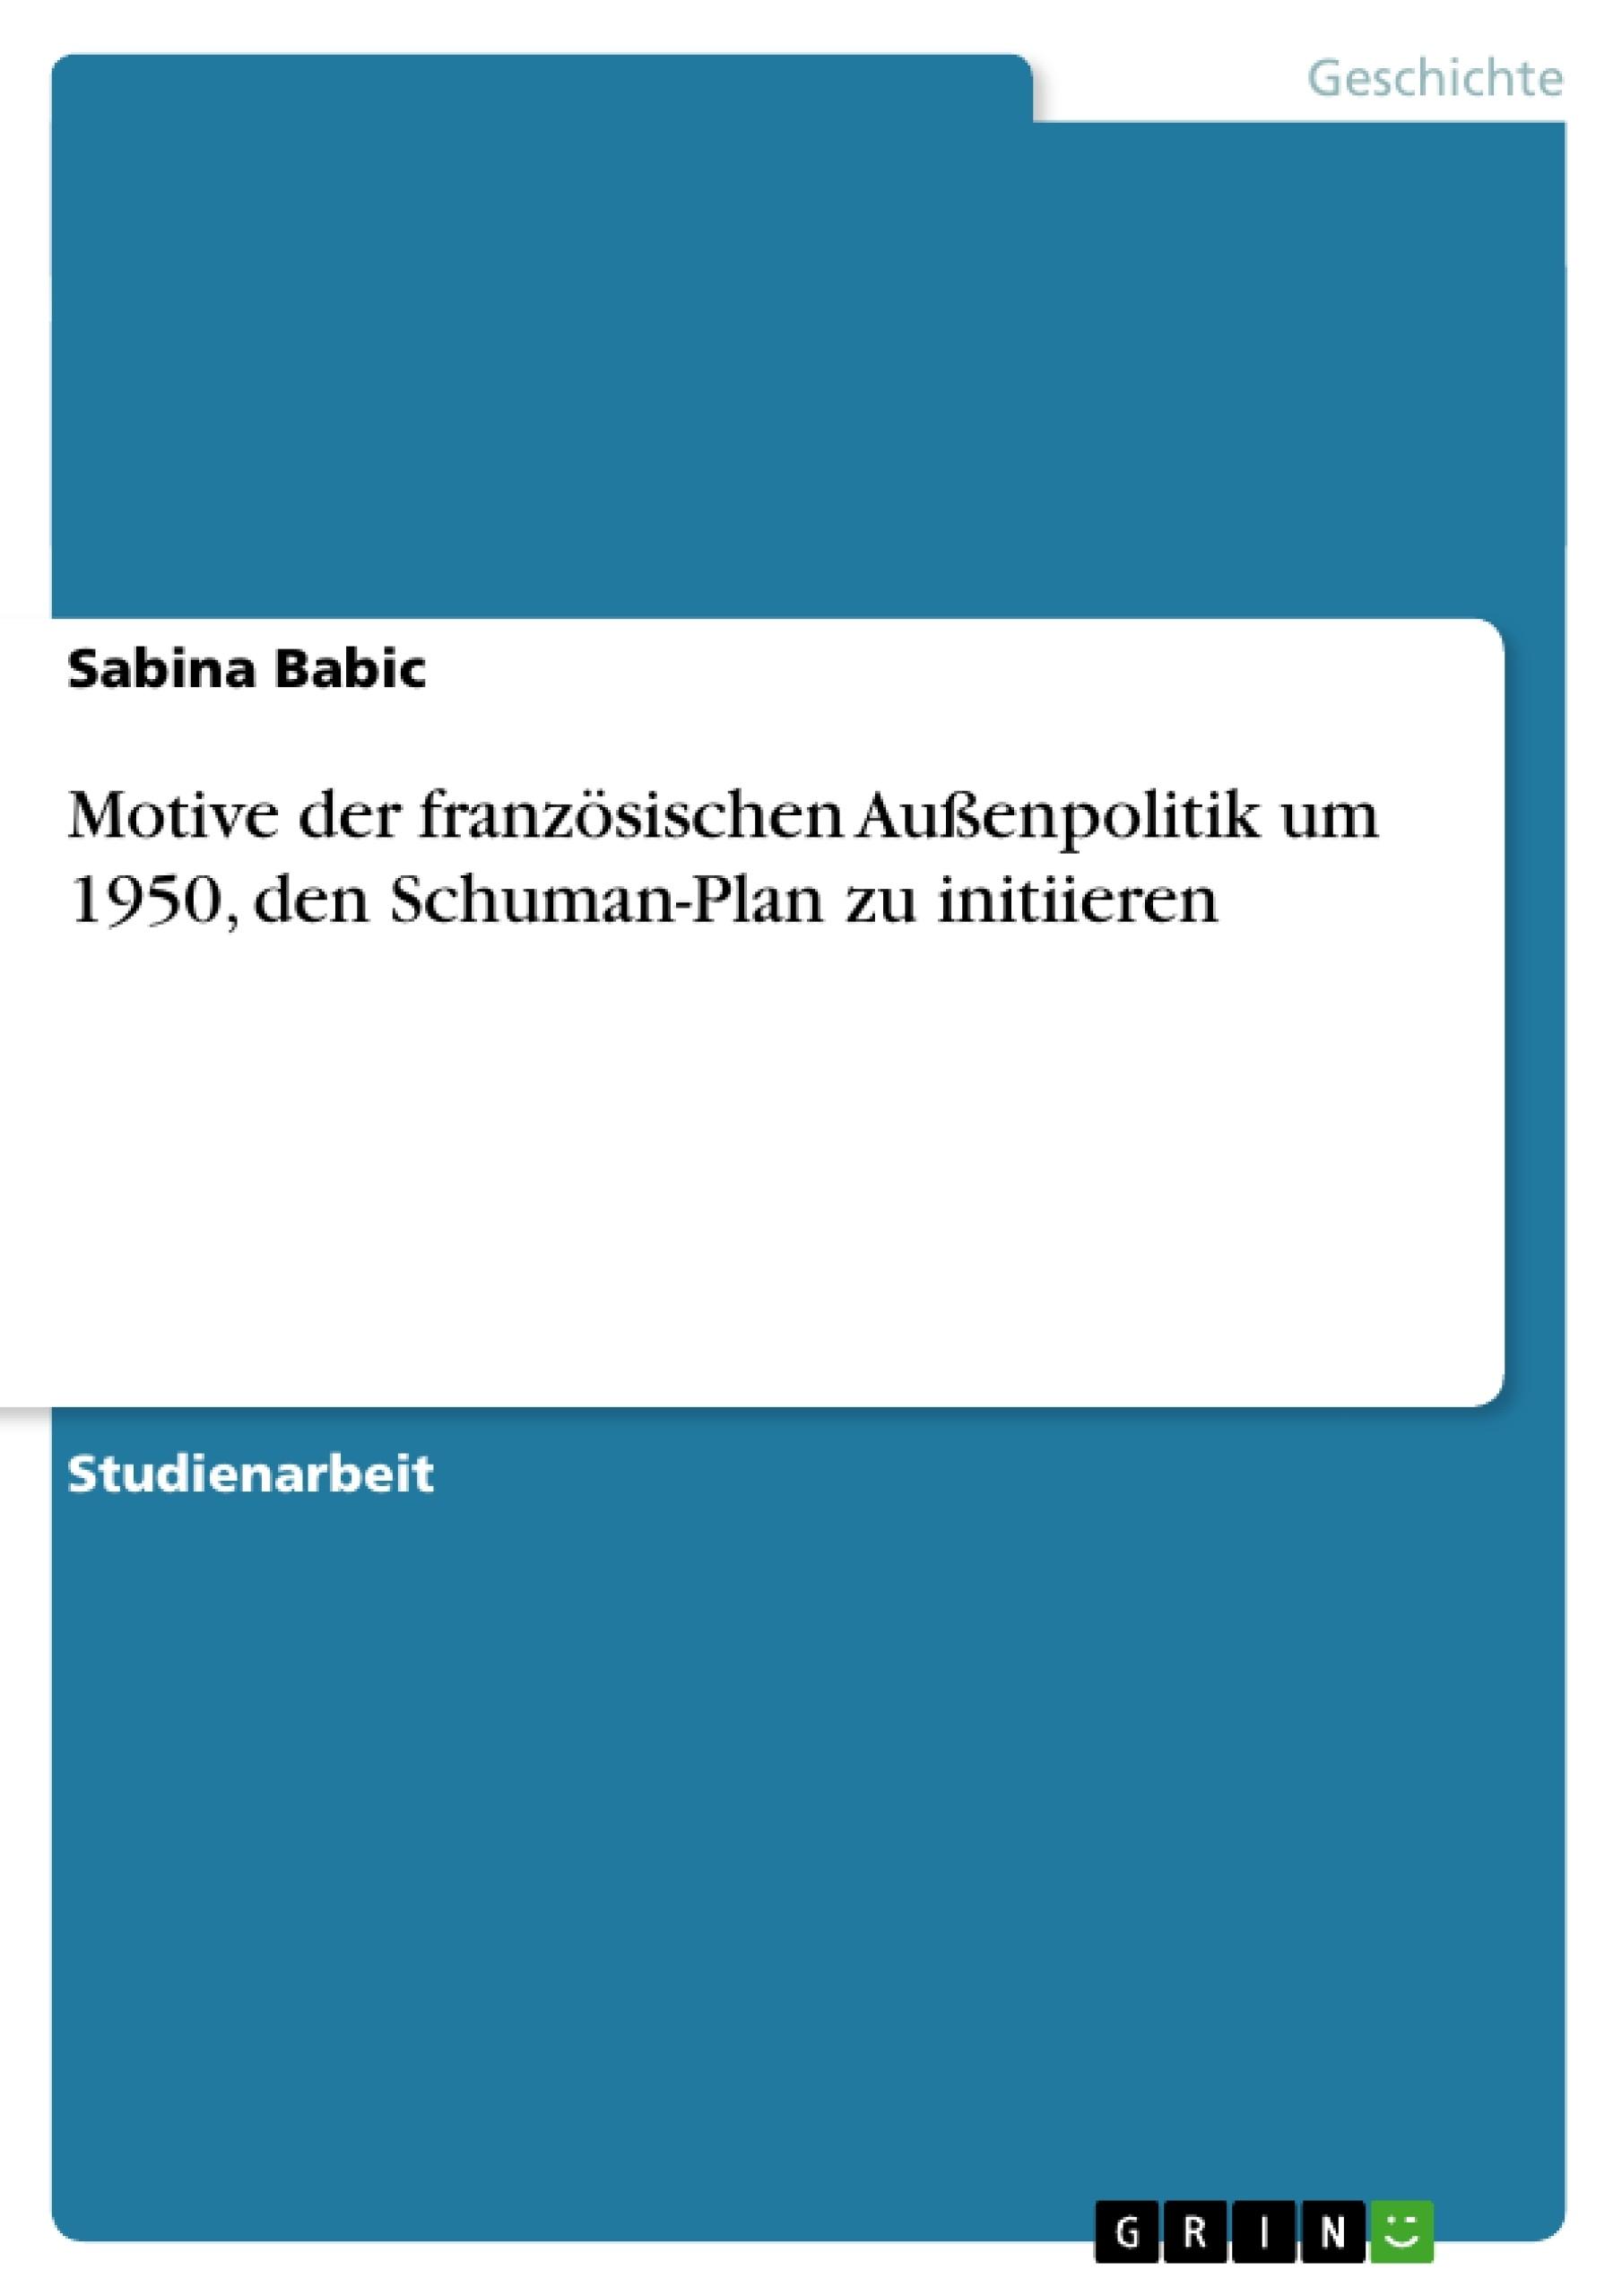 Titel: Motive der französischen Außenpolitik um 1950, den Schuman-Plan zu initiieren